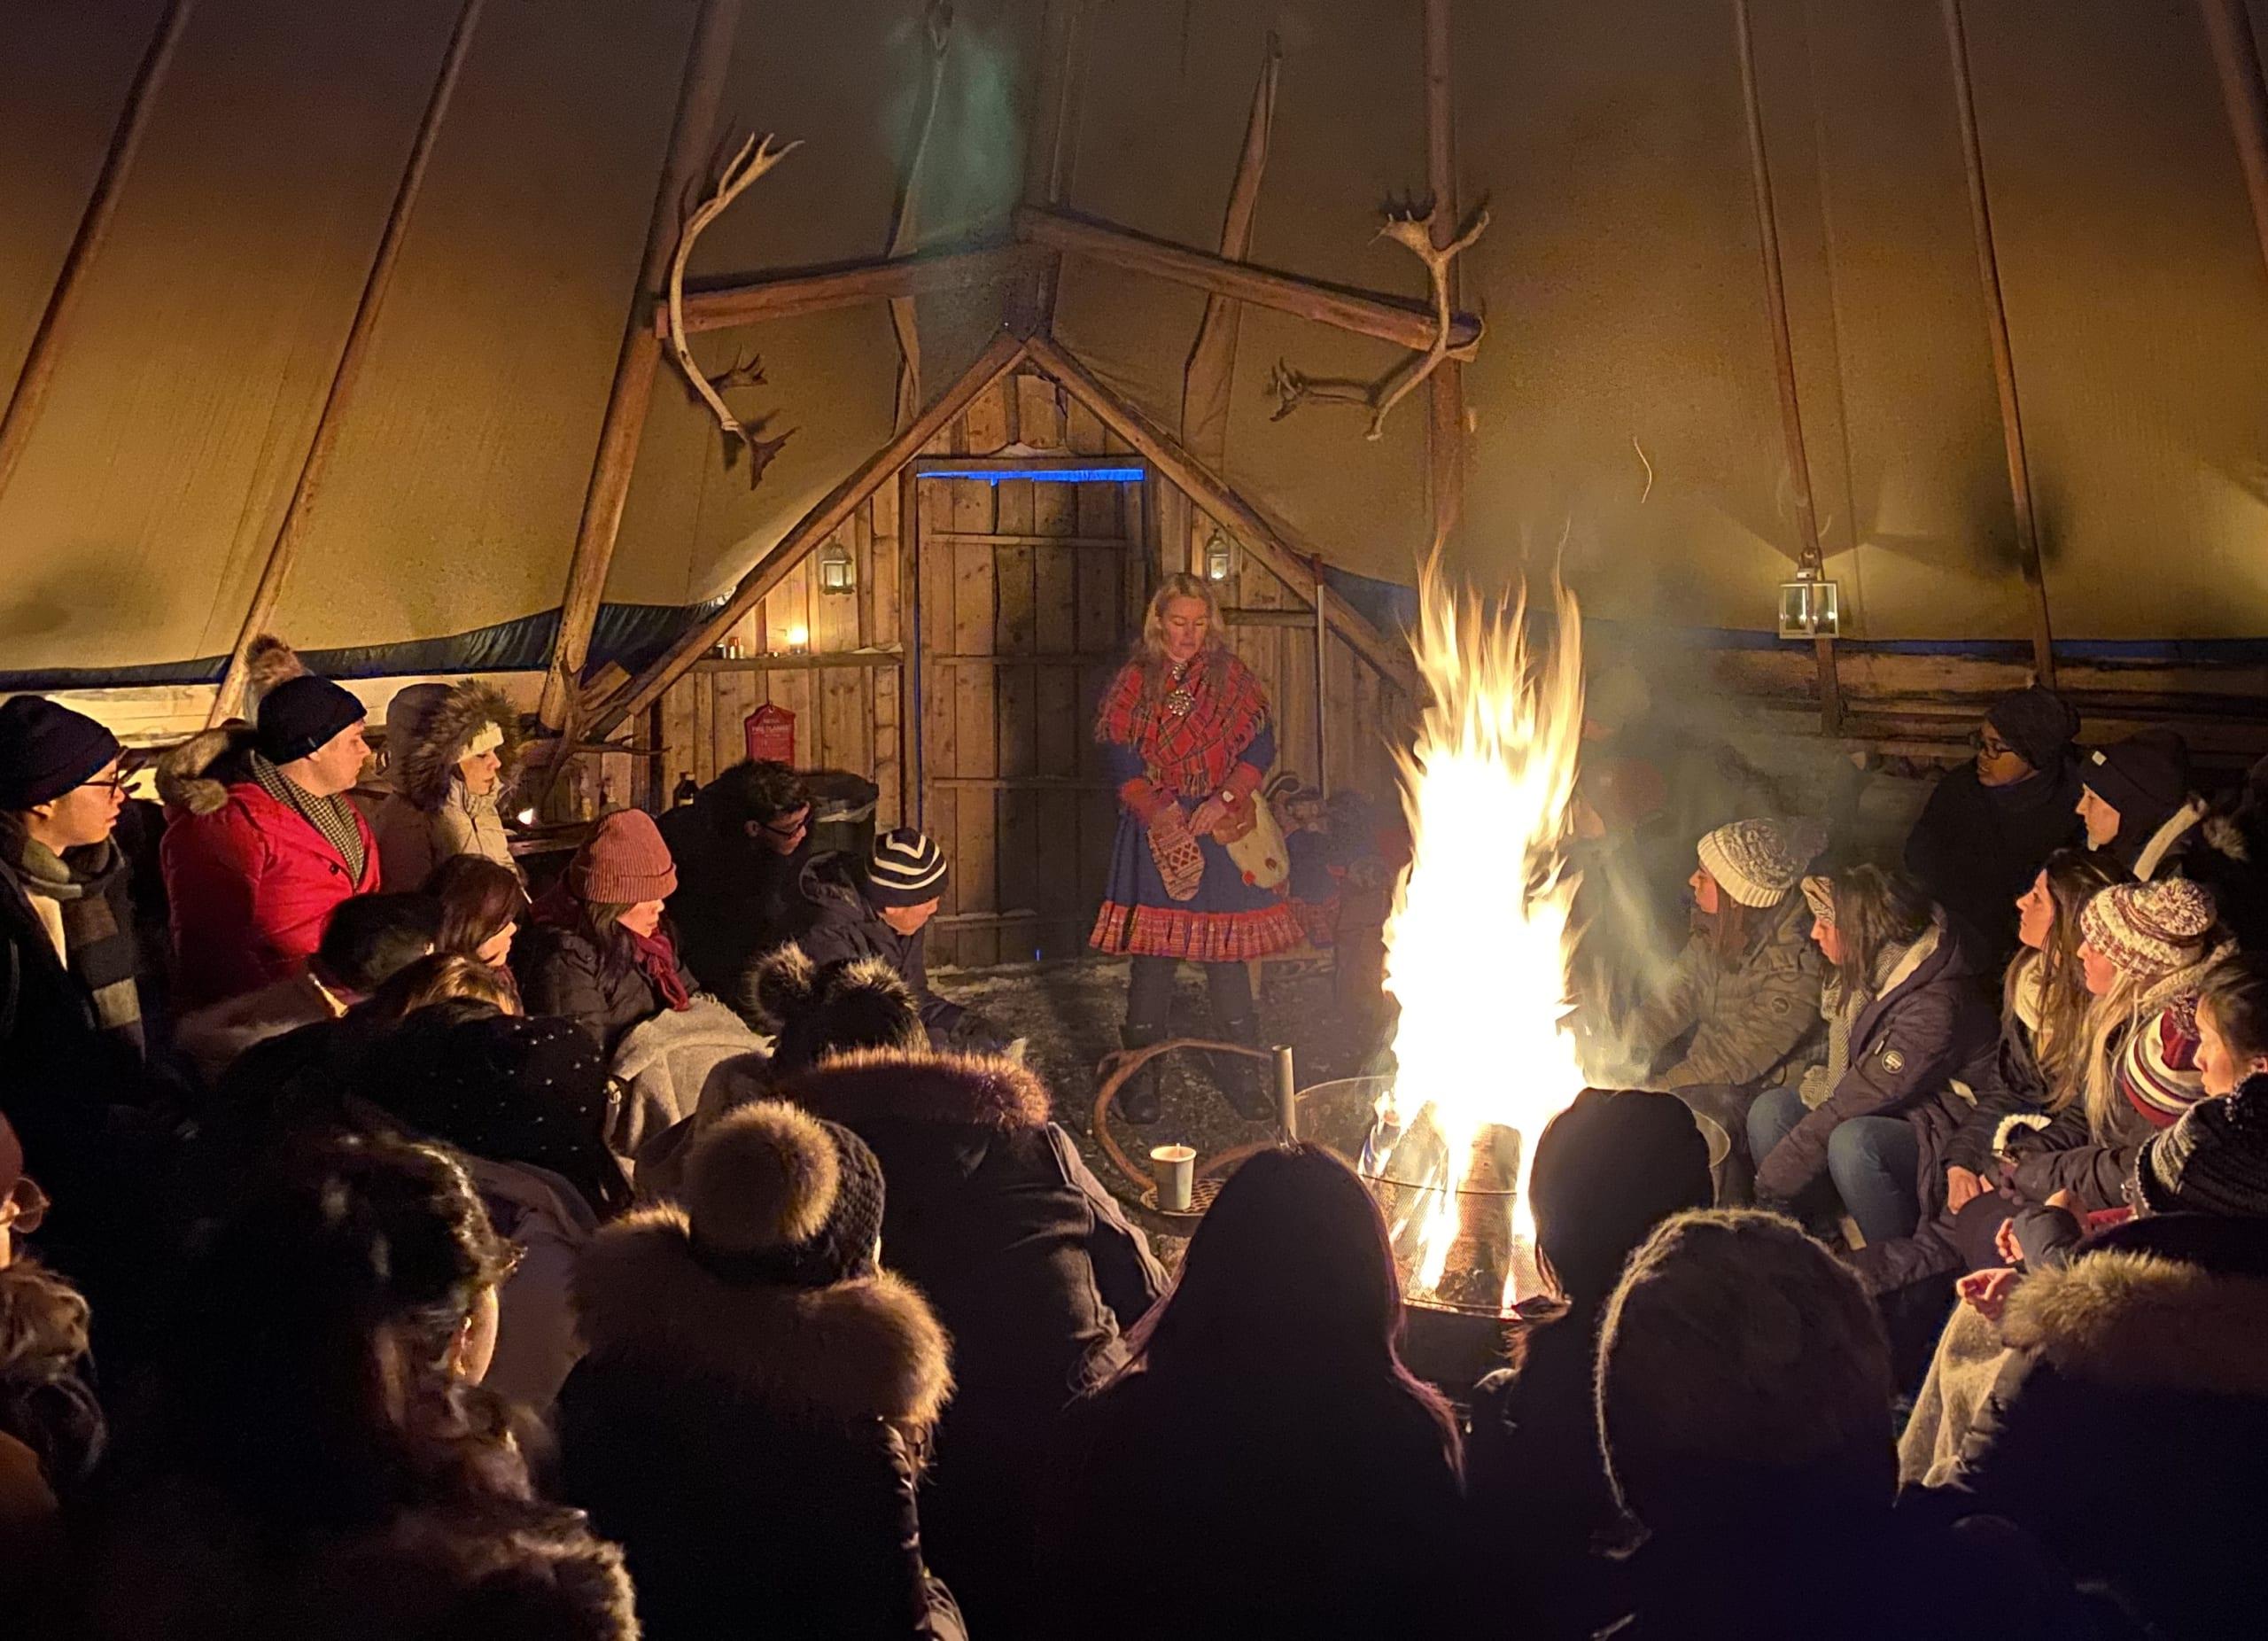 Cultural show in a Sami hut in Tromsø